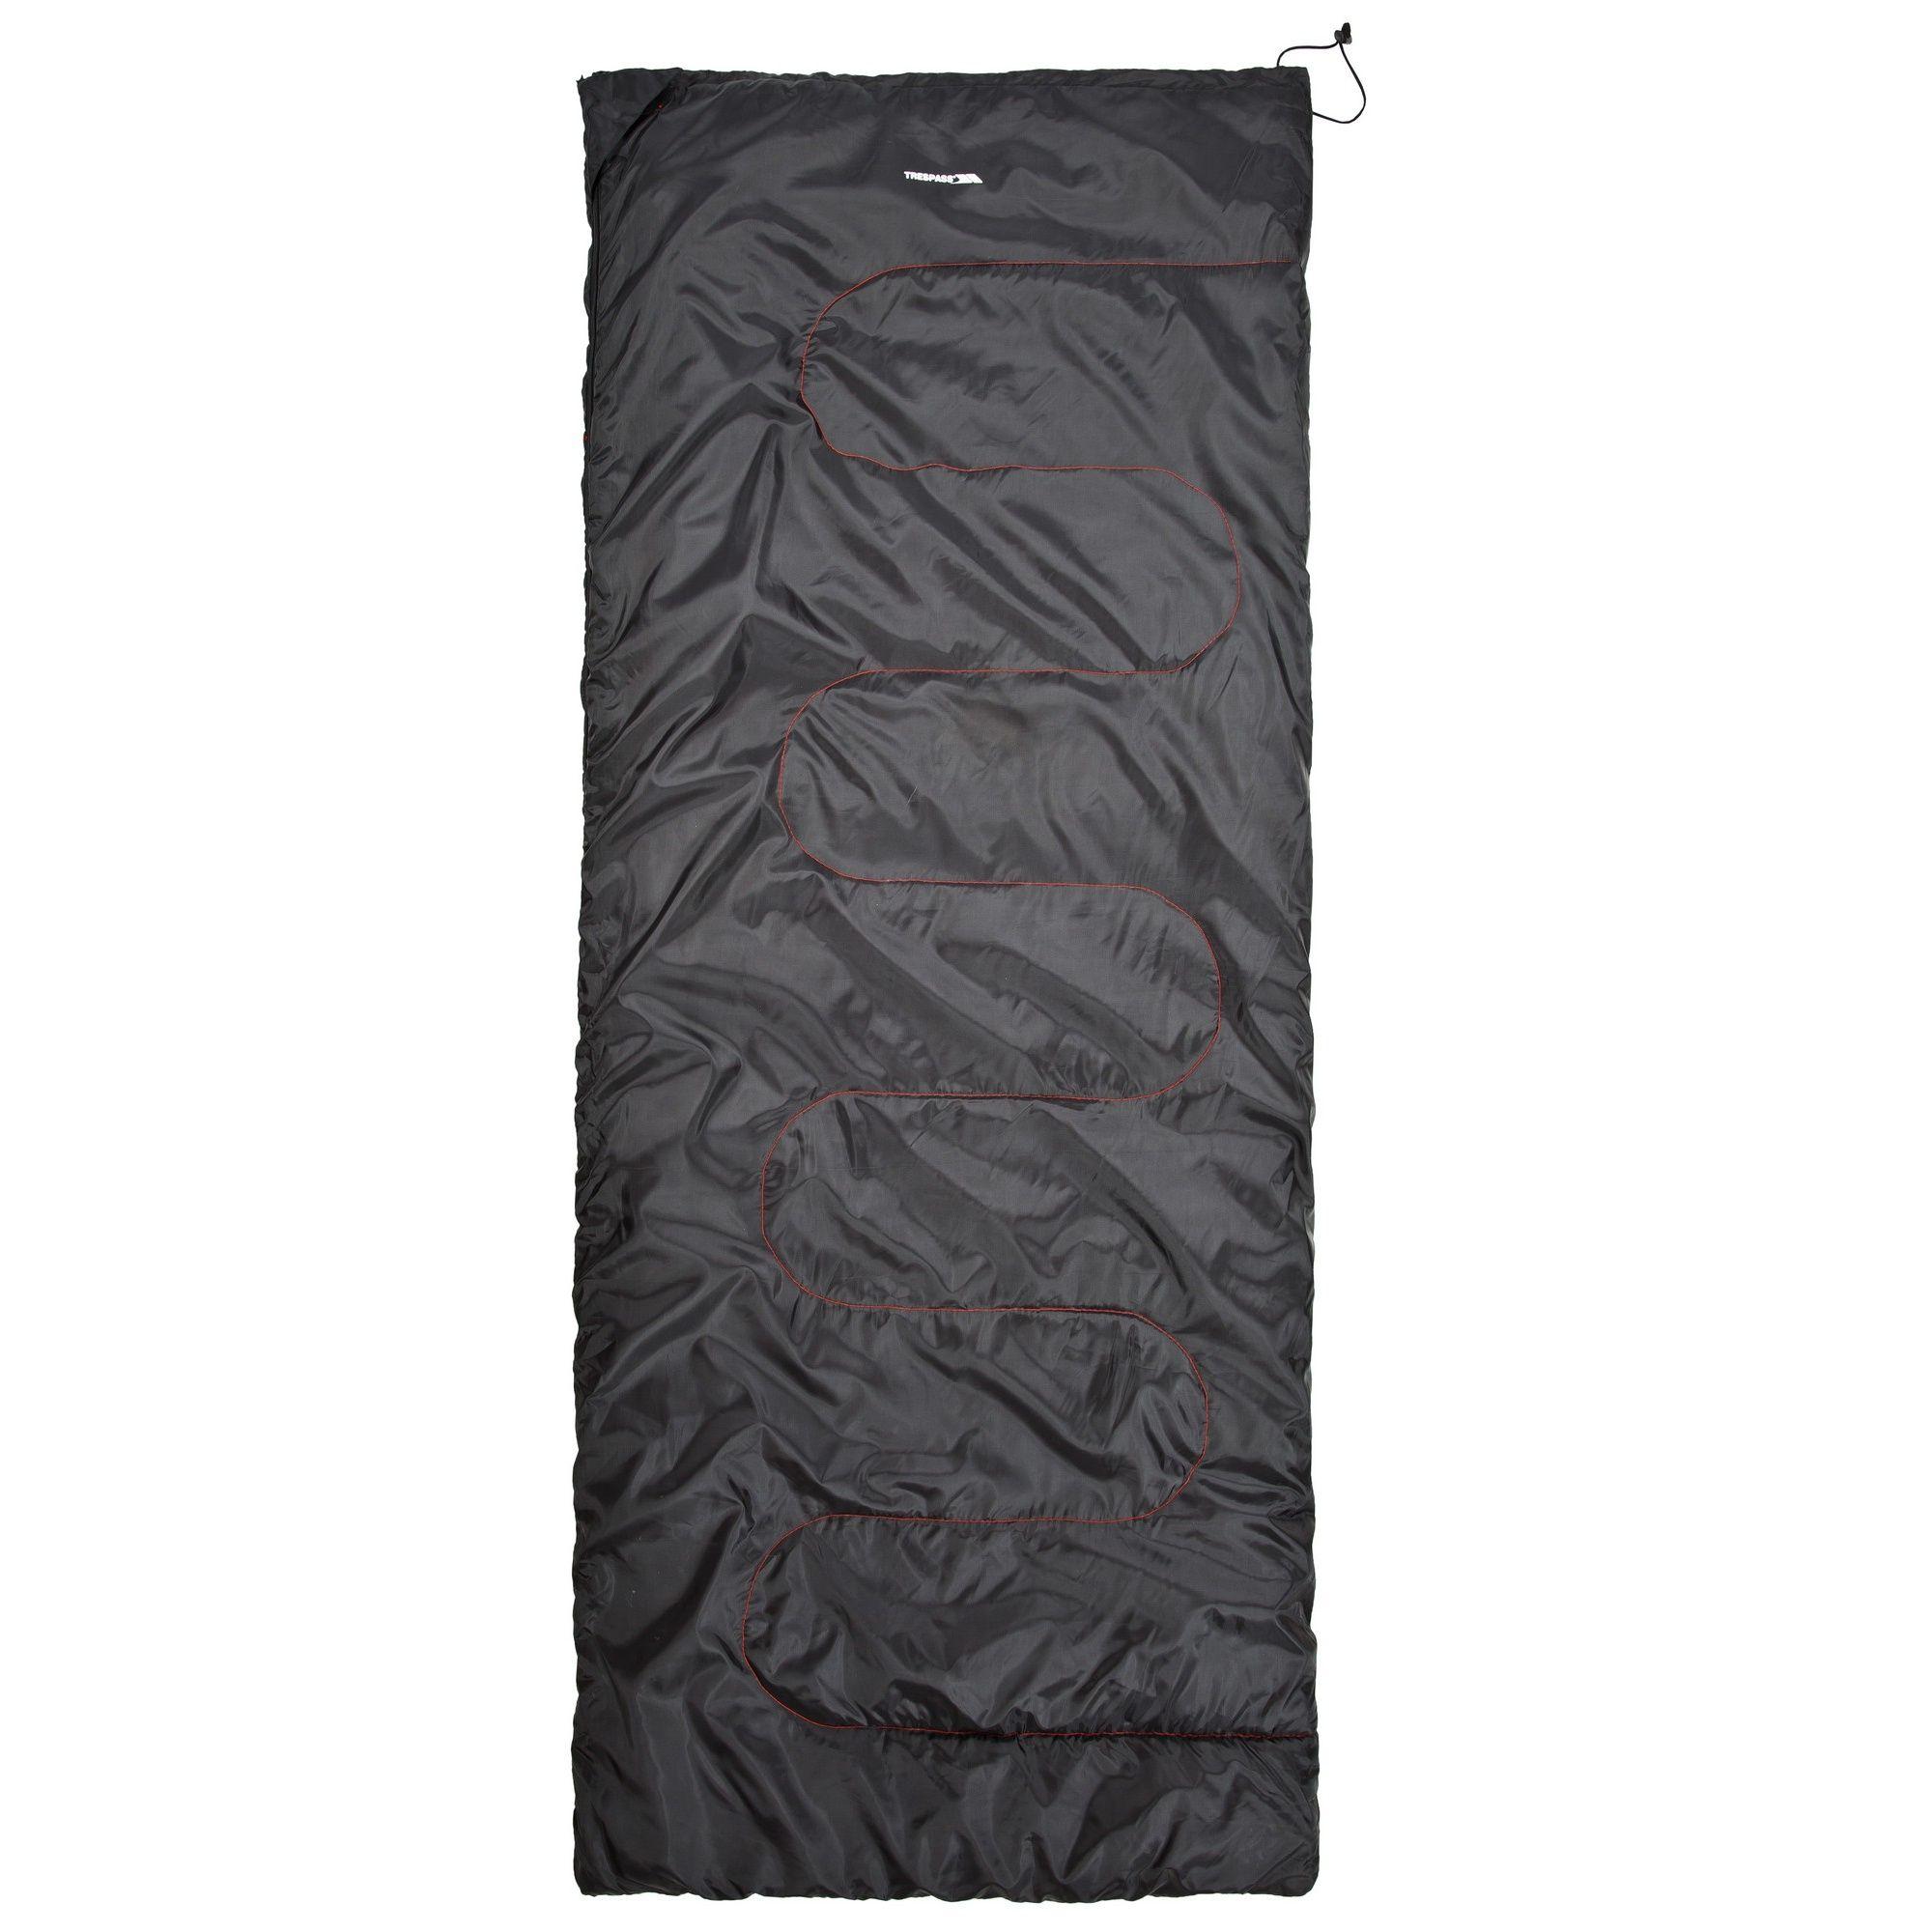 Trespass Envelop 3 Season Sleeping Bag